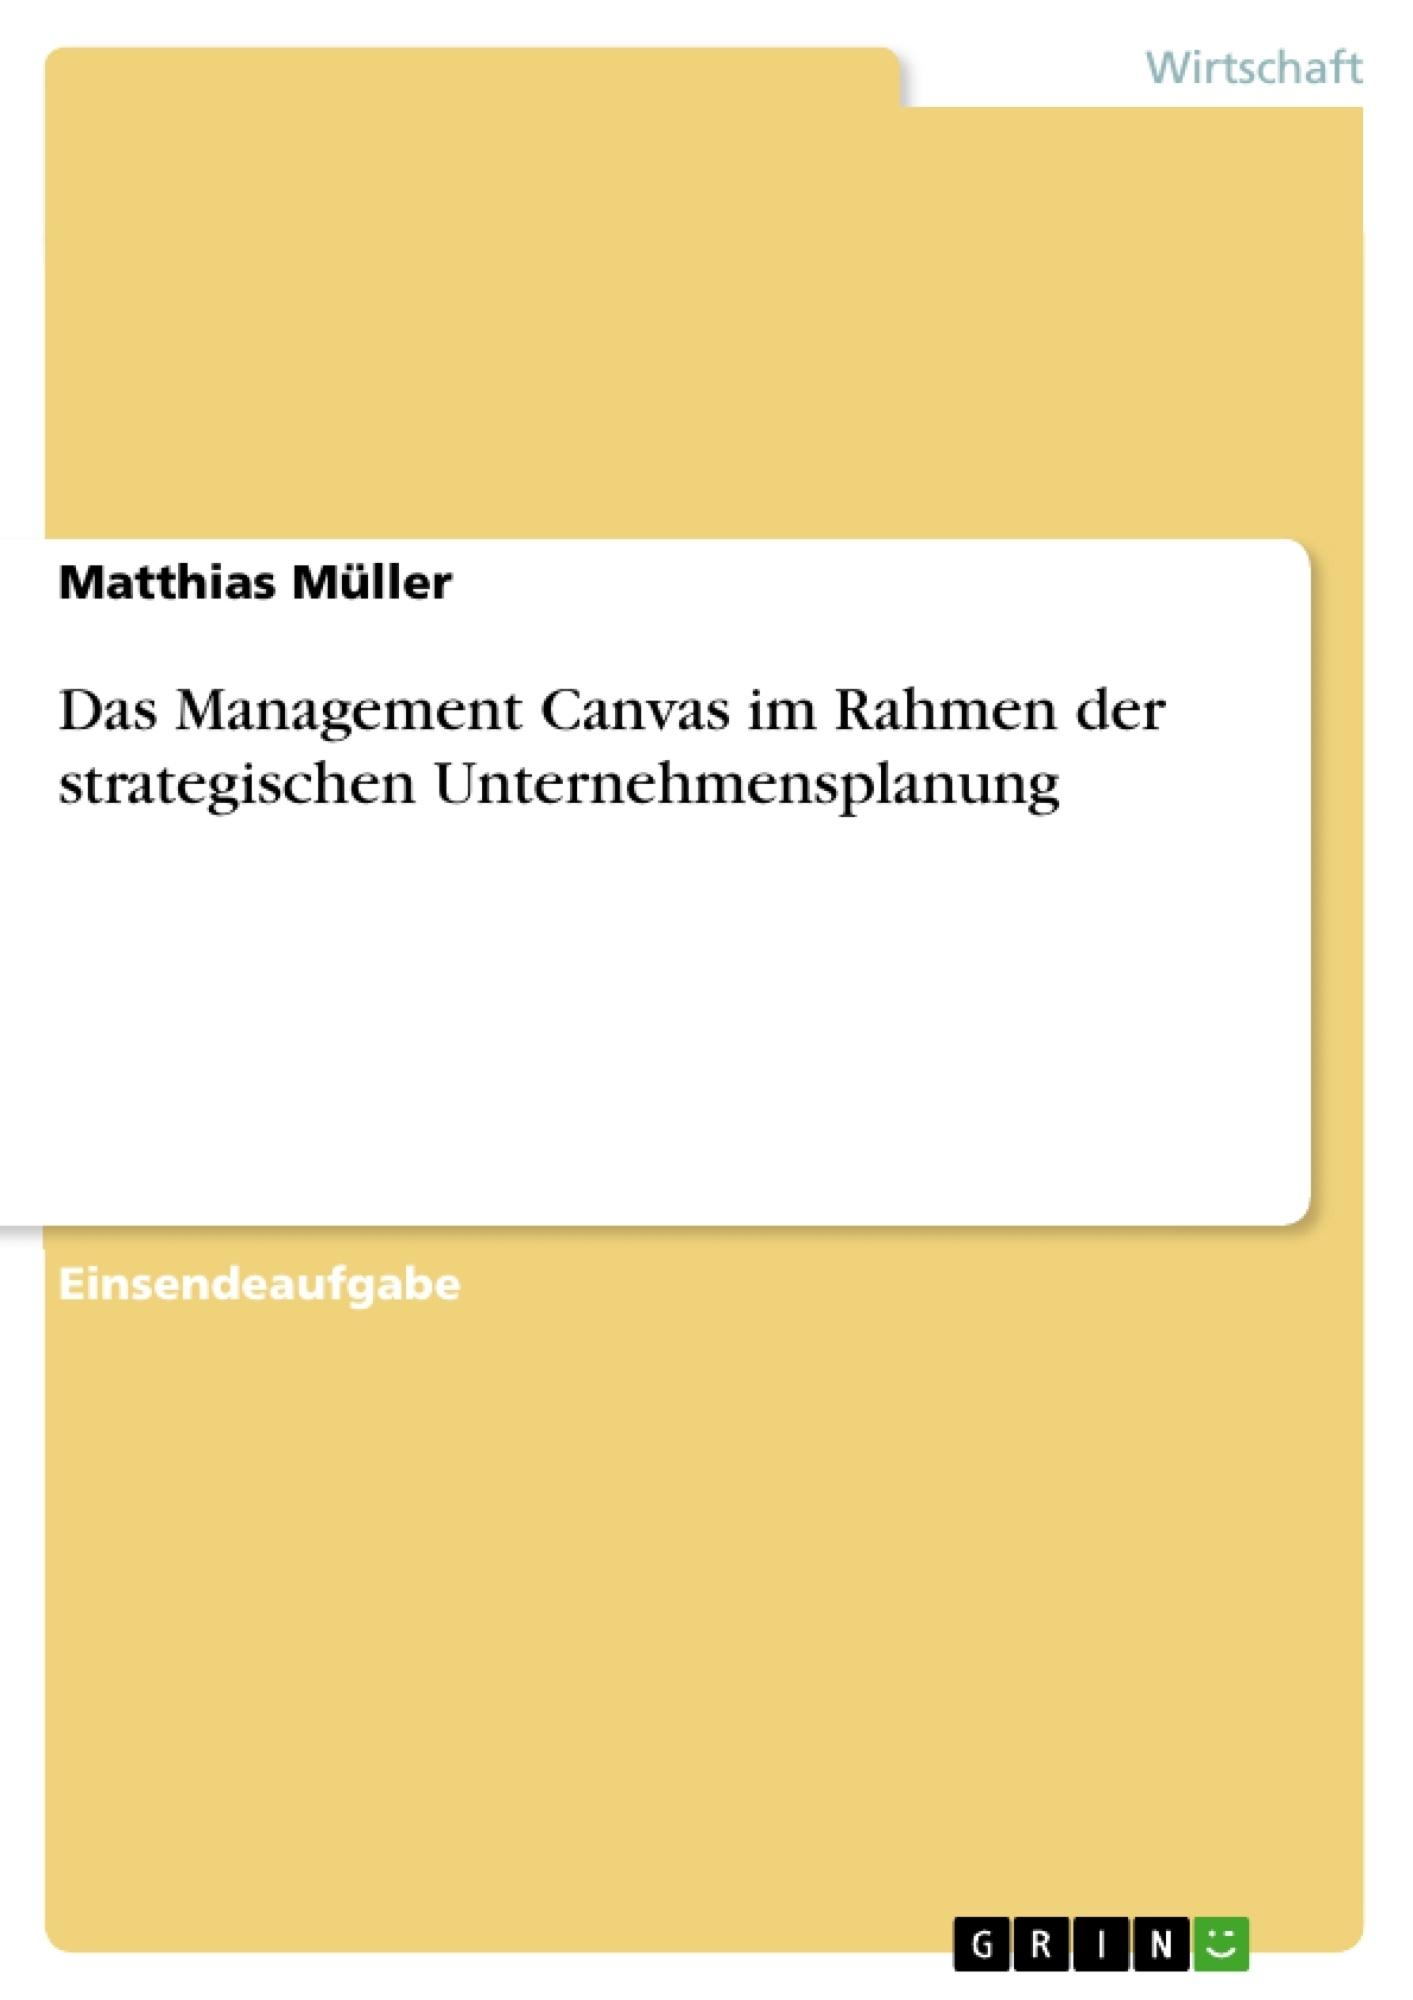 Titel: Das Management Canvas im Rahmen der strategischen Unternehmensplanung